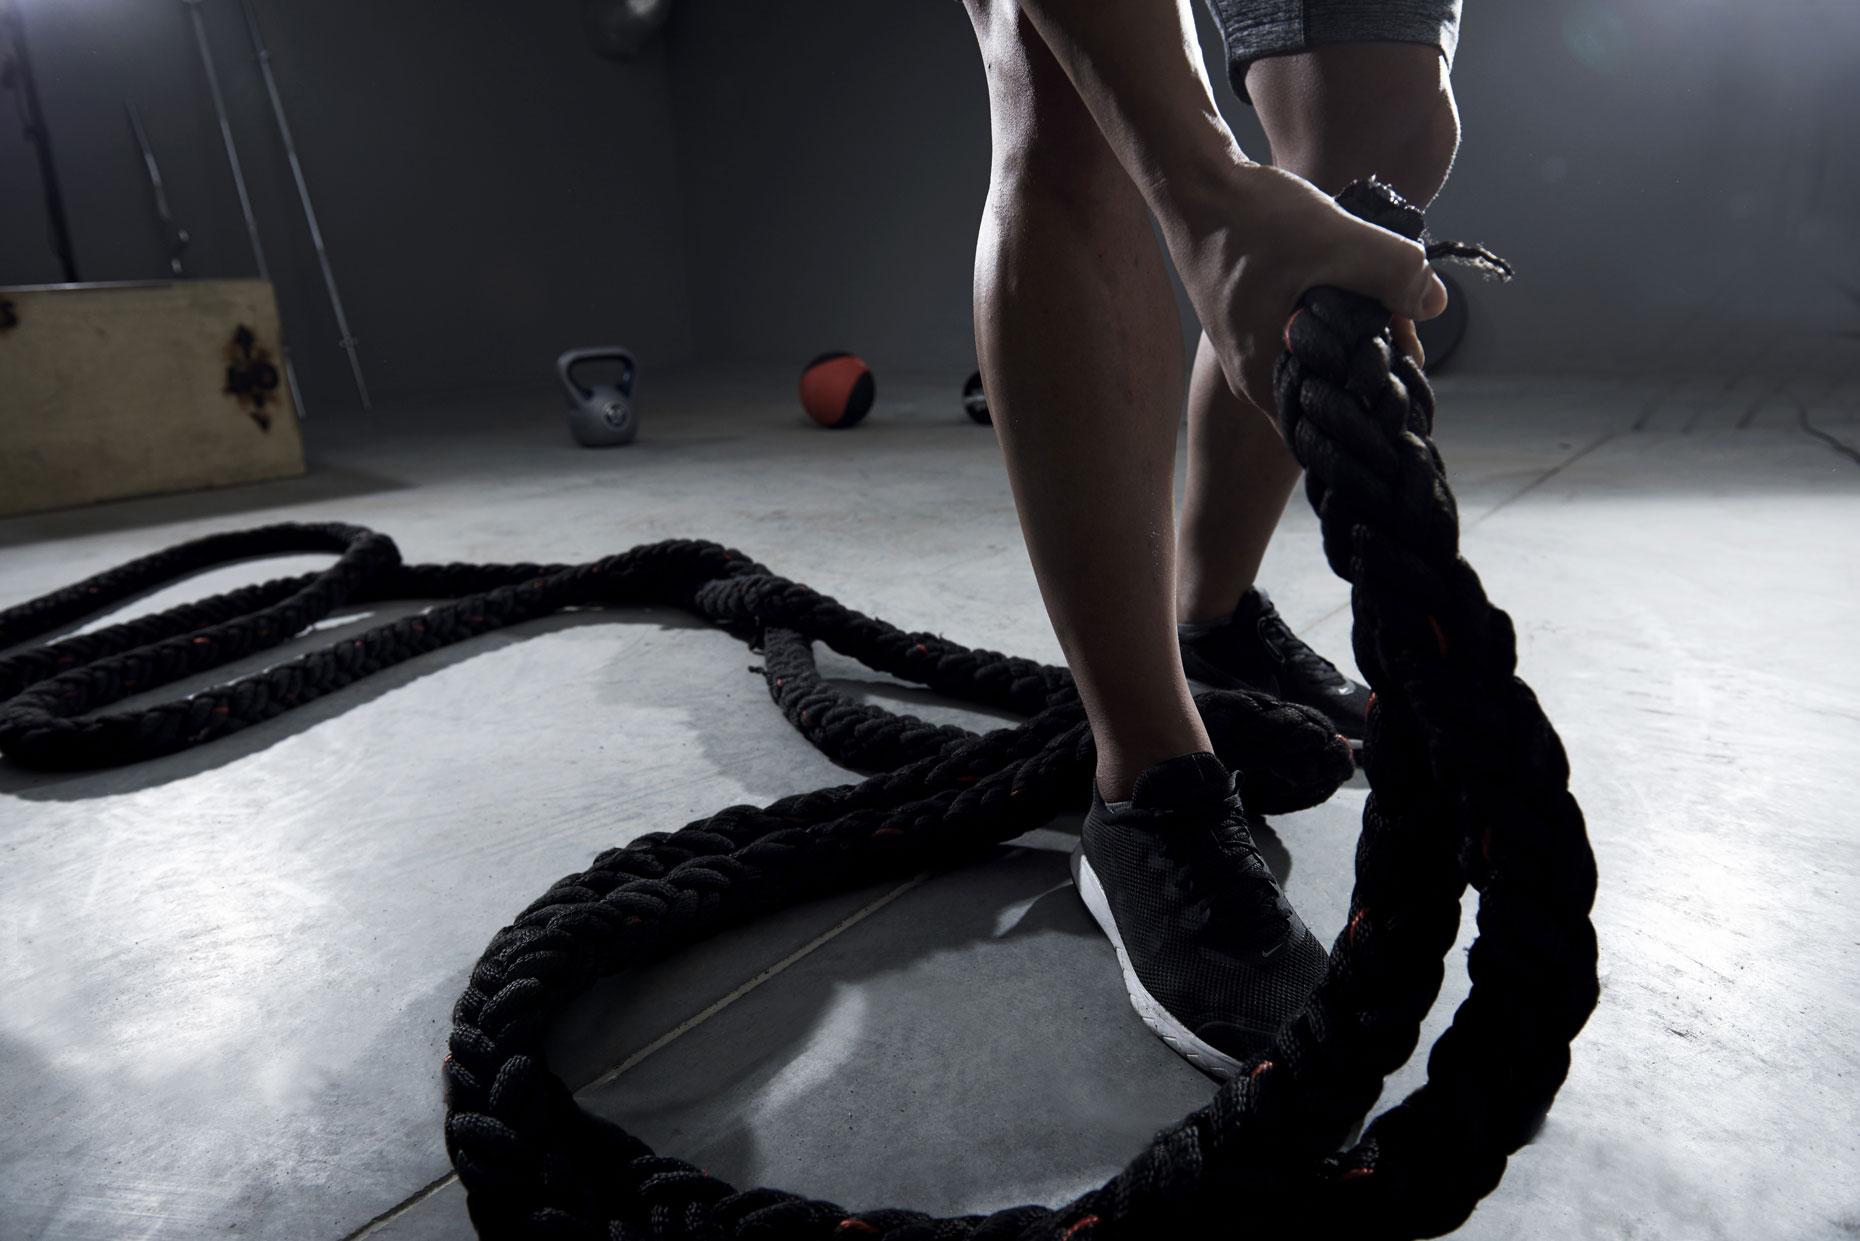 Preparare i muscoli a lavorare meglio - Ossido Nitrico e abbigliamento bio-funzionale sono tuoi grandissimi alleati